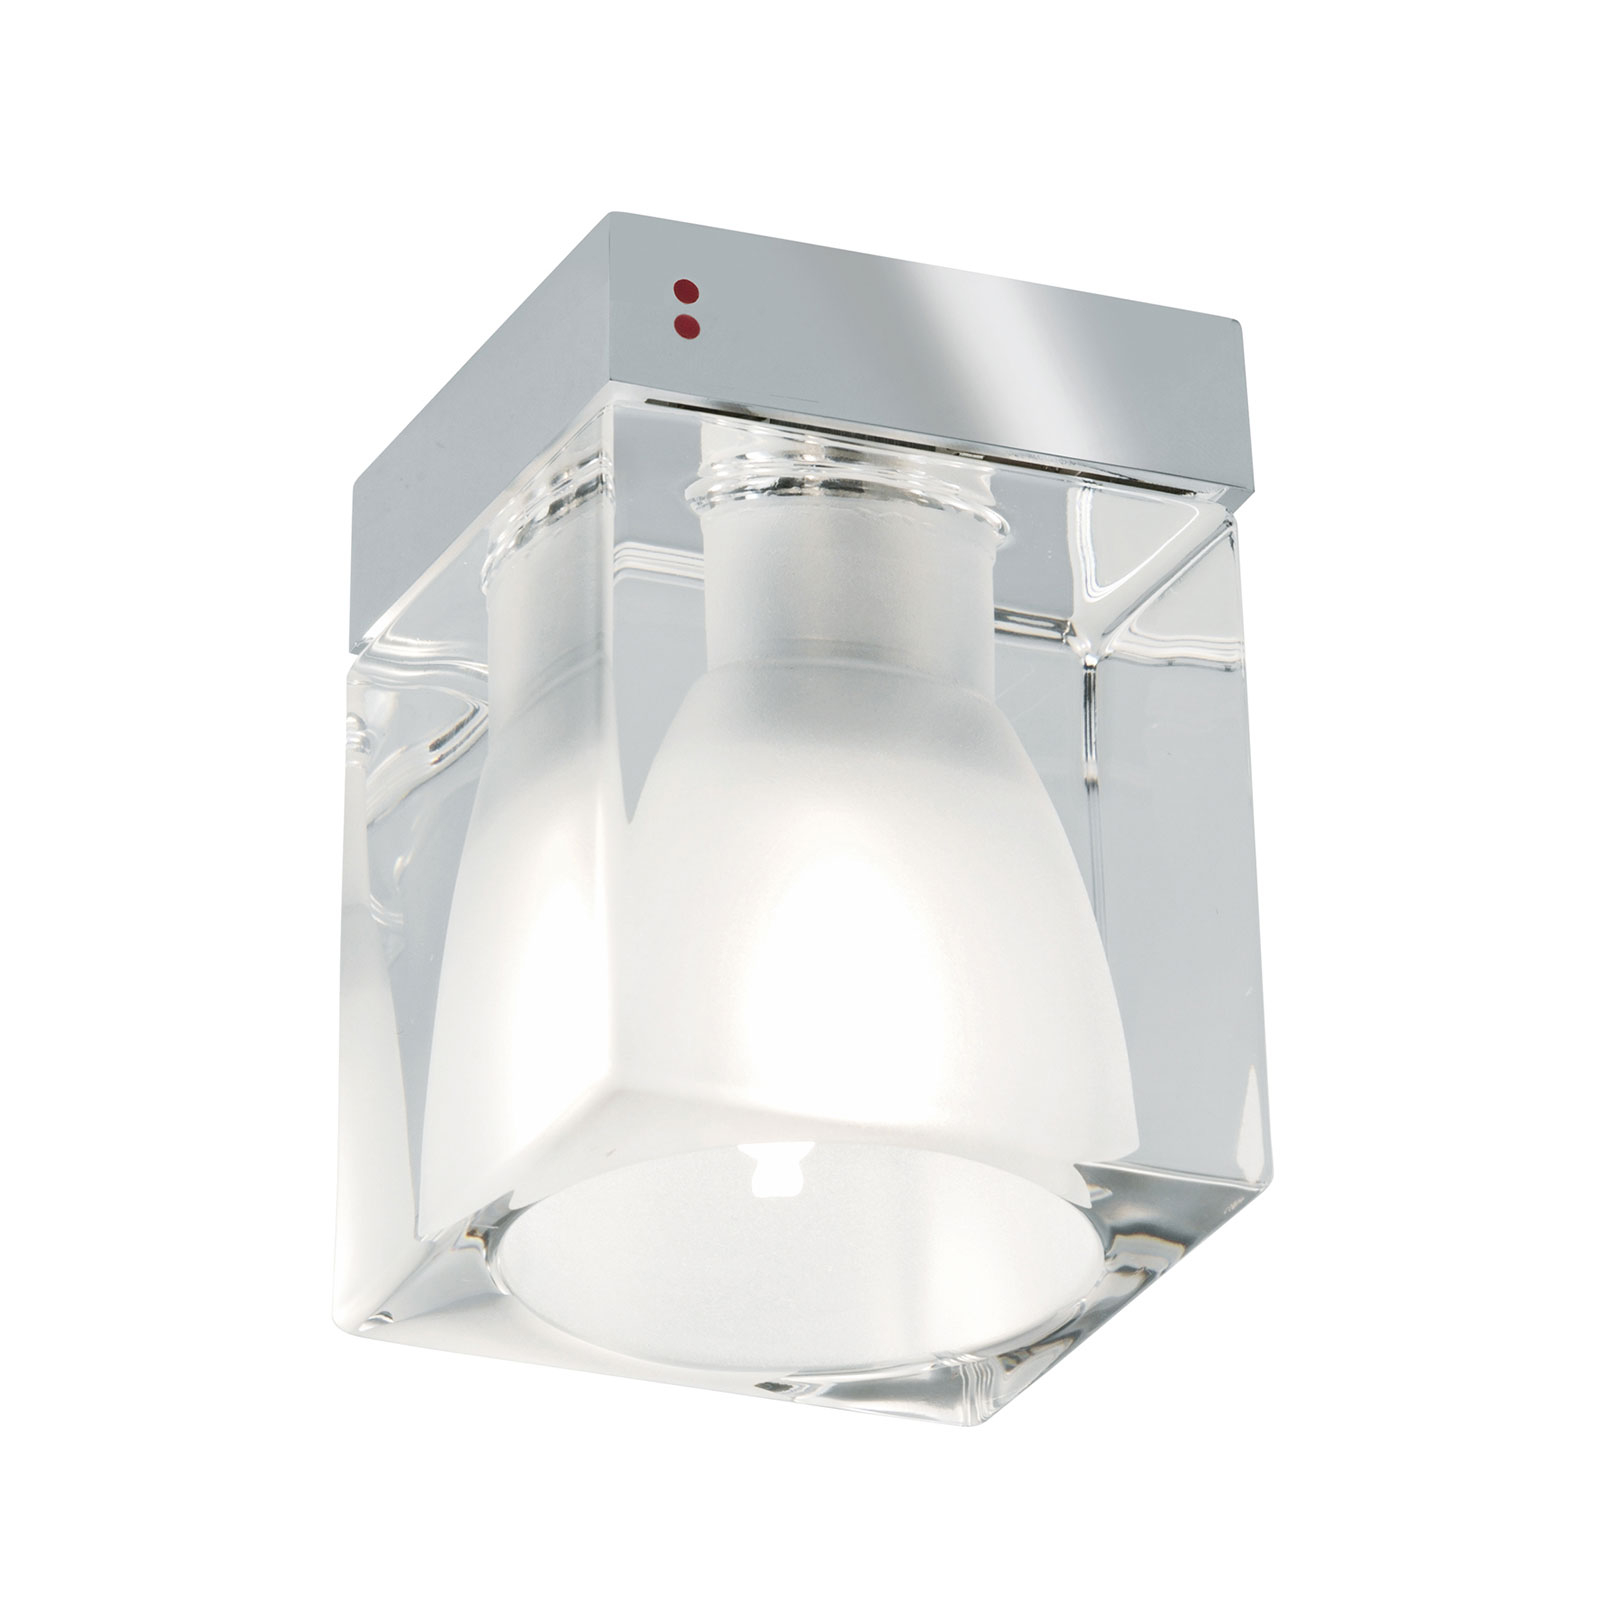 Cubetto-kattovalaisin 1-lamppuinen, kirkas